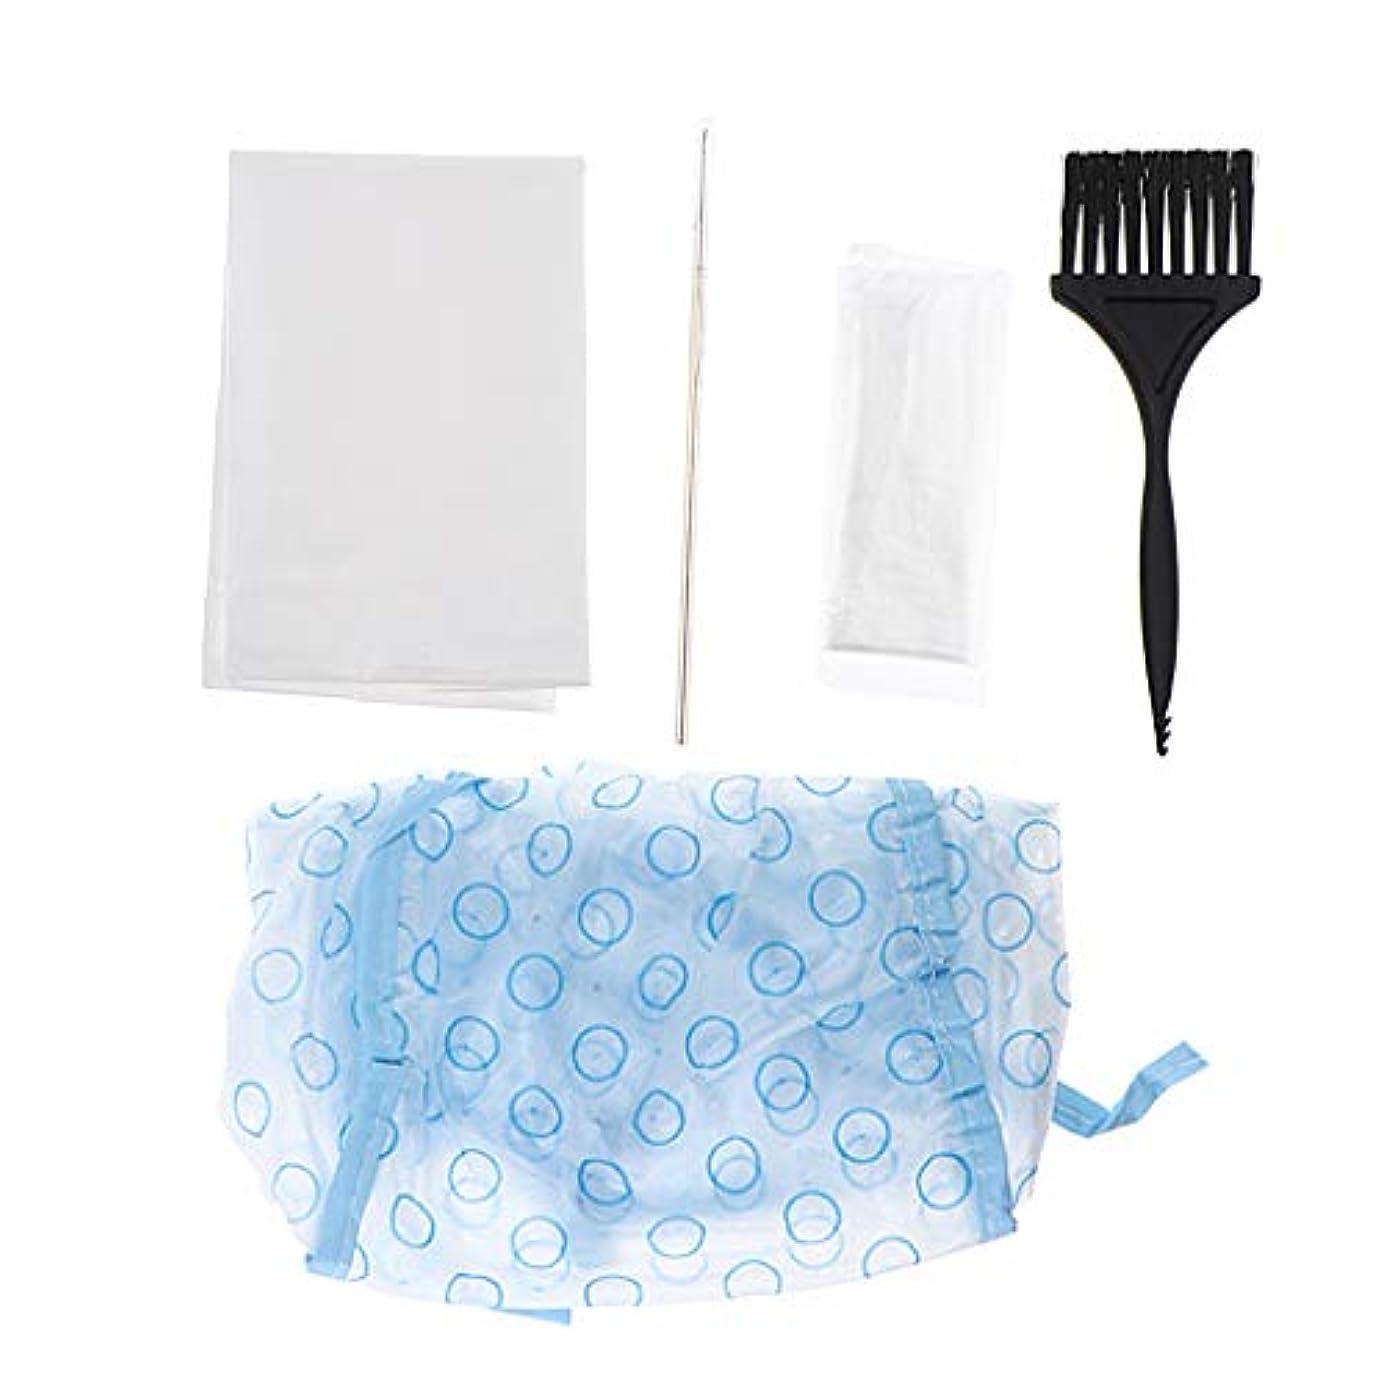 マトロン脆いハード5本/セット使い捨てヘアカラー染めツールティントキャップクリップケープブラシ手袋